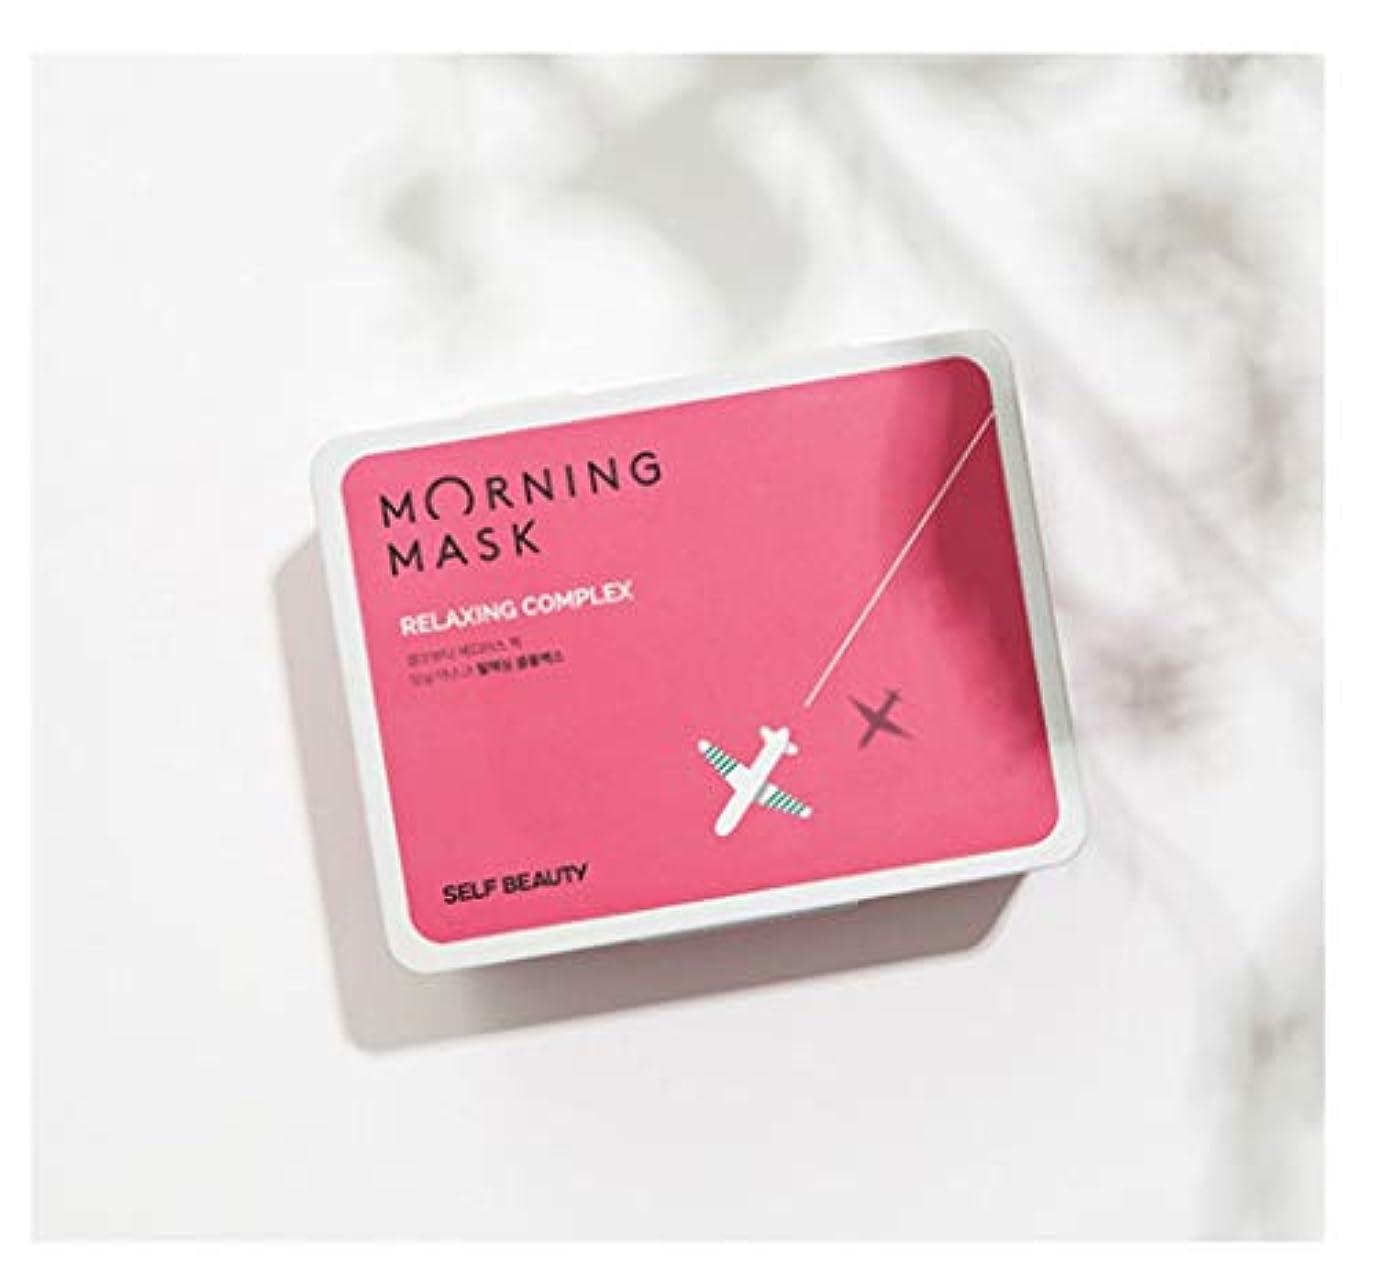 自信がある空気階Self Beauty Morning Mask Relaxing Complex 1Box/30Sheetメイクアップの前にモーニングマスク、疲れた肌のための鎮静ケア(海外直送)